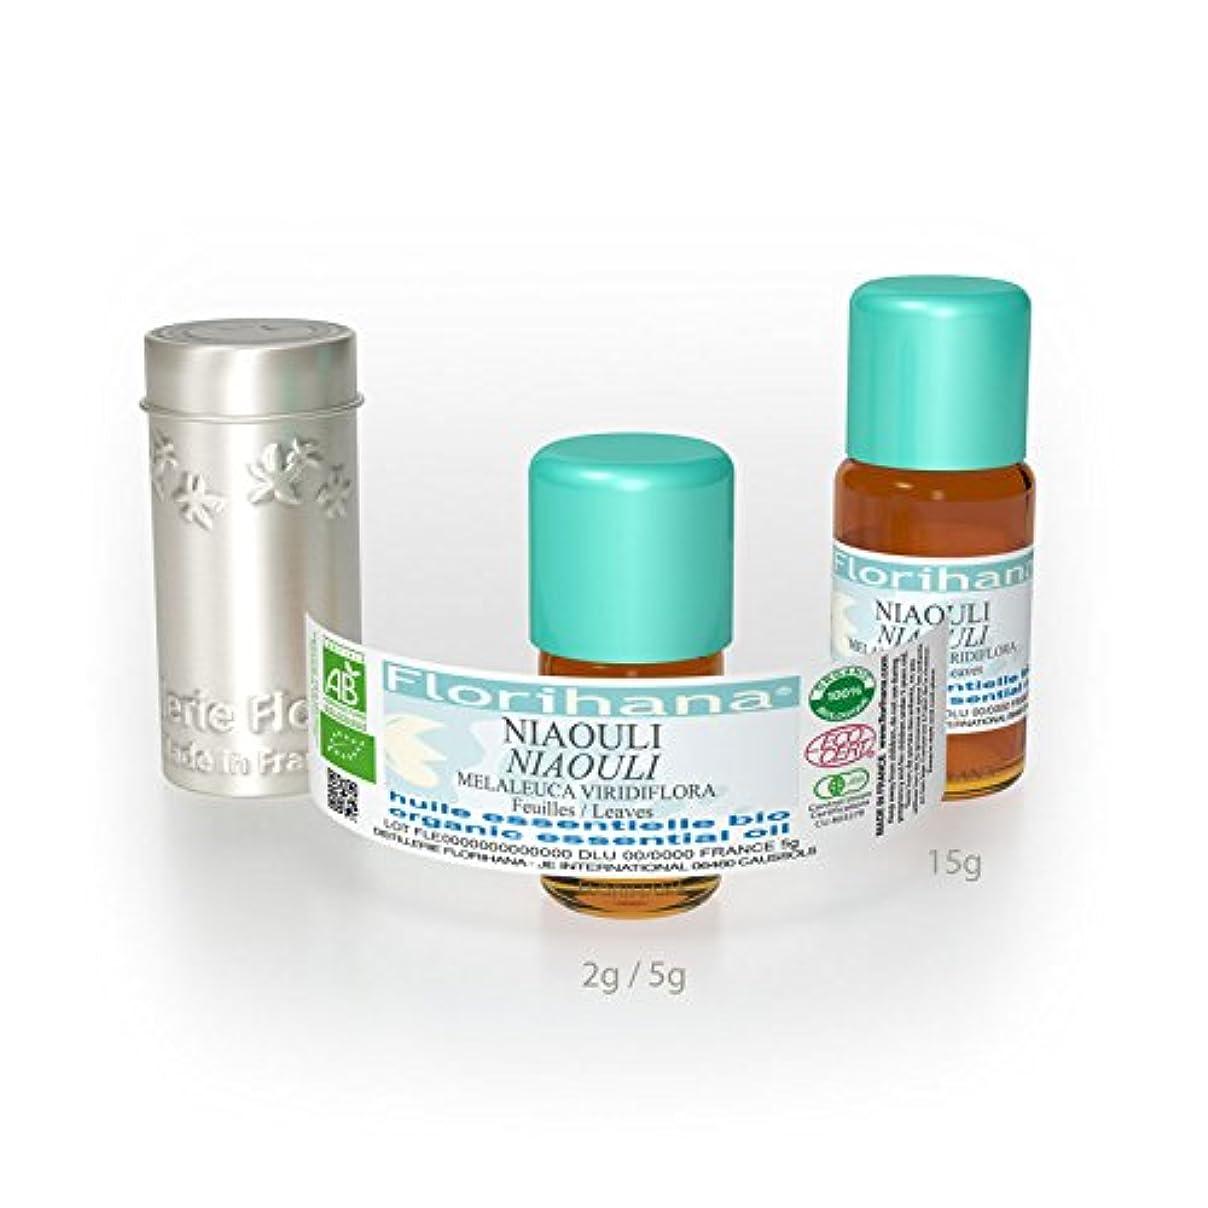 エッセイ抵抗力がある現代オーガニック エッセンシャルオイル ニアウリ 15g(16.5ml)